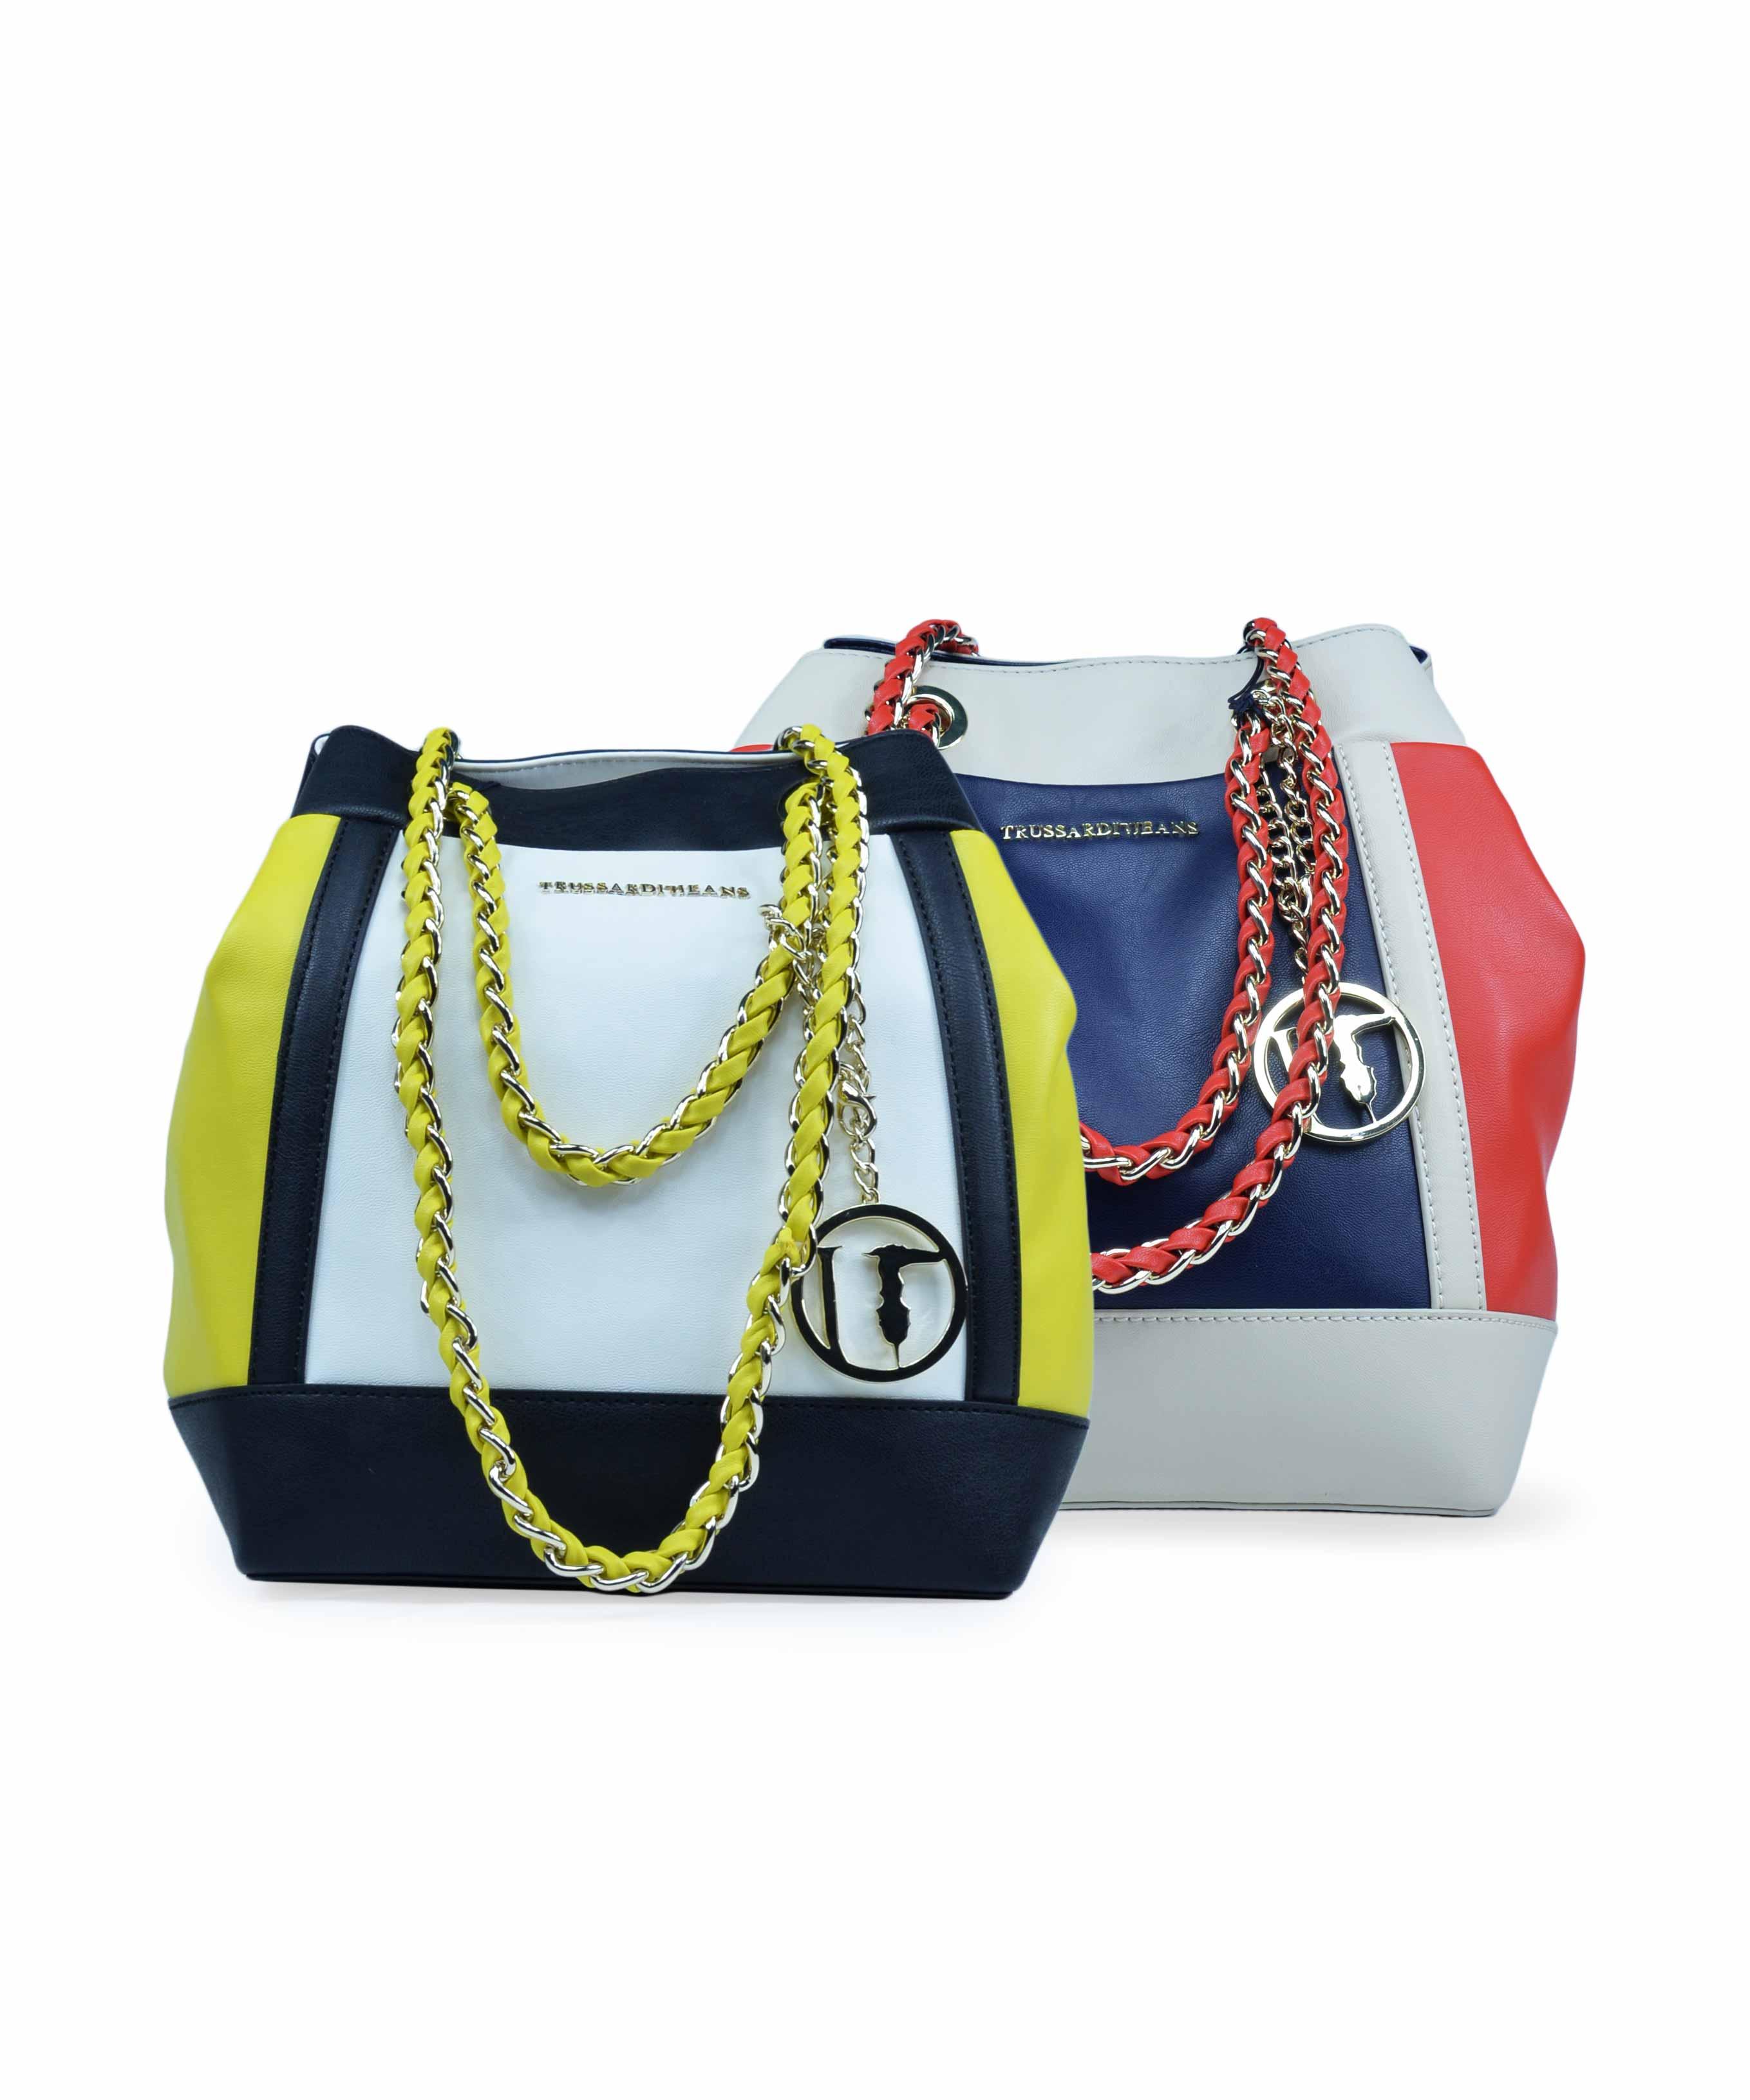 Borsa da donna secchiello -Trussardi Jeans f7a3b2172d8